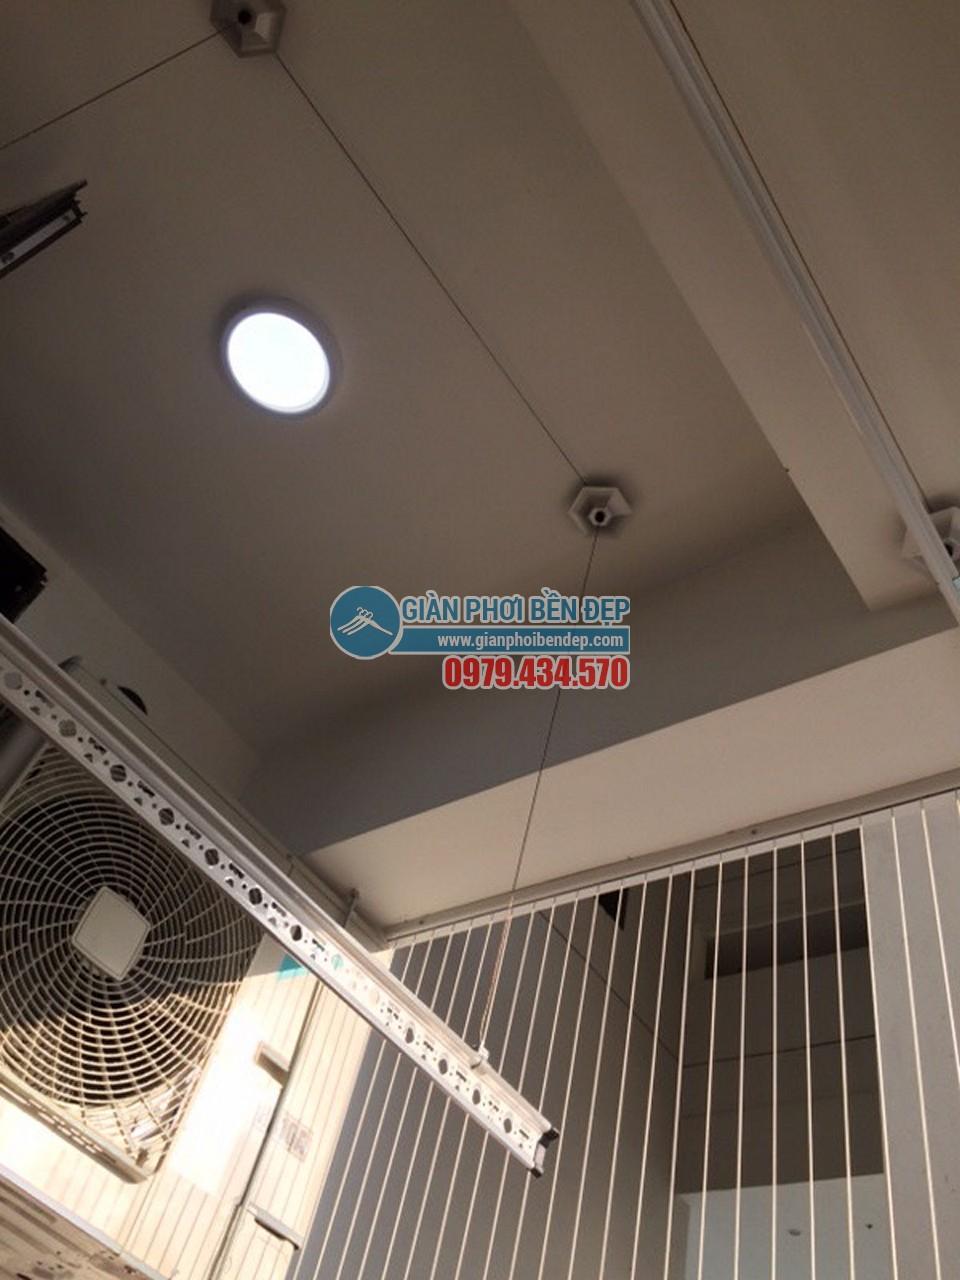 Lắp đặt giàn phơi thông minh tại khu trần giật cấp nhà chị Linh, Tòa HH4 Linh Đàm - 02